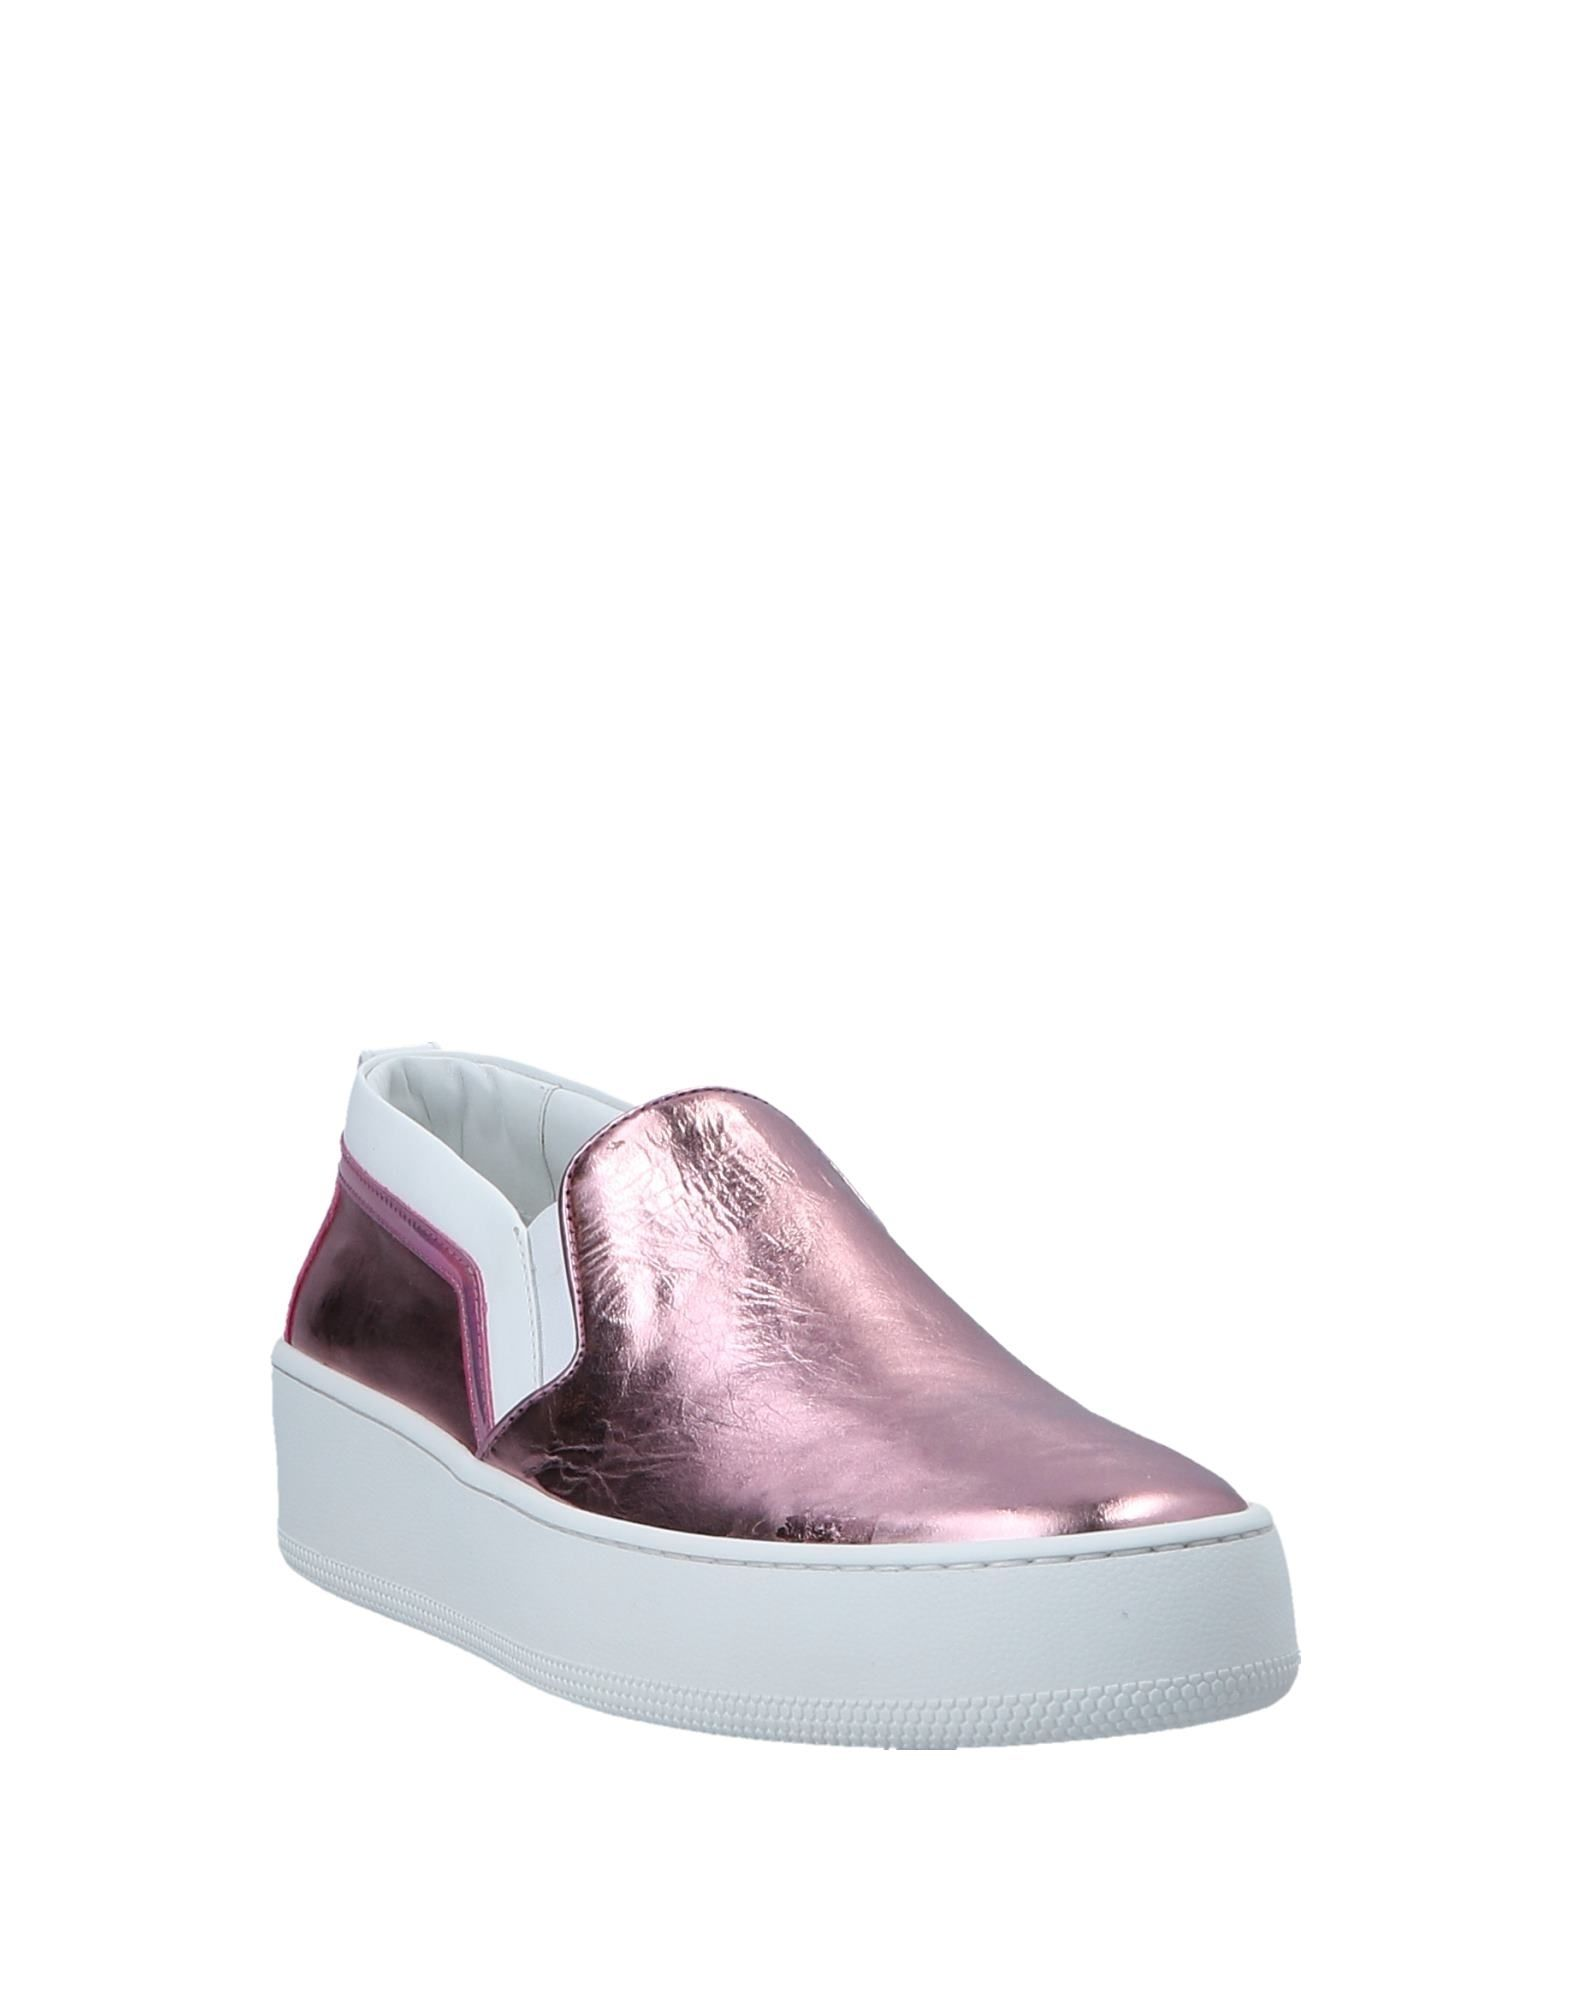 Sergio Rossi Rossi Rossi Sneakers - Women Sergio Rossi Sneakers online on  United Kingdom - 11564229HV ccf4e6